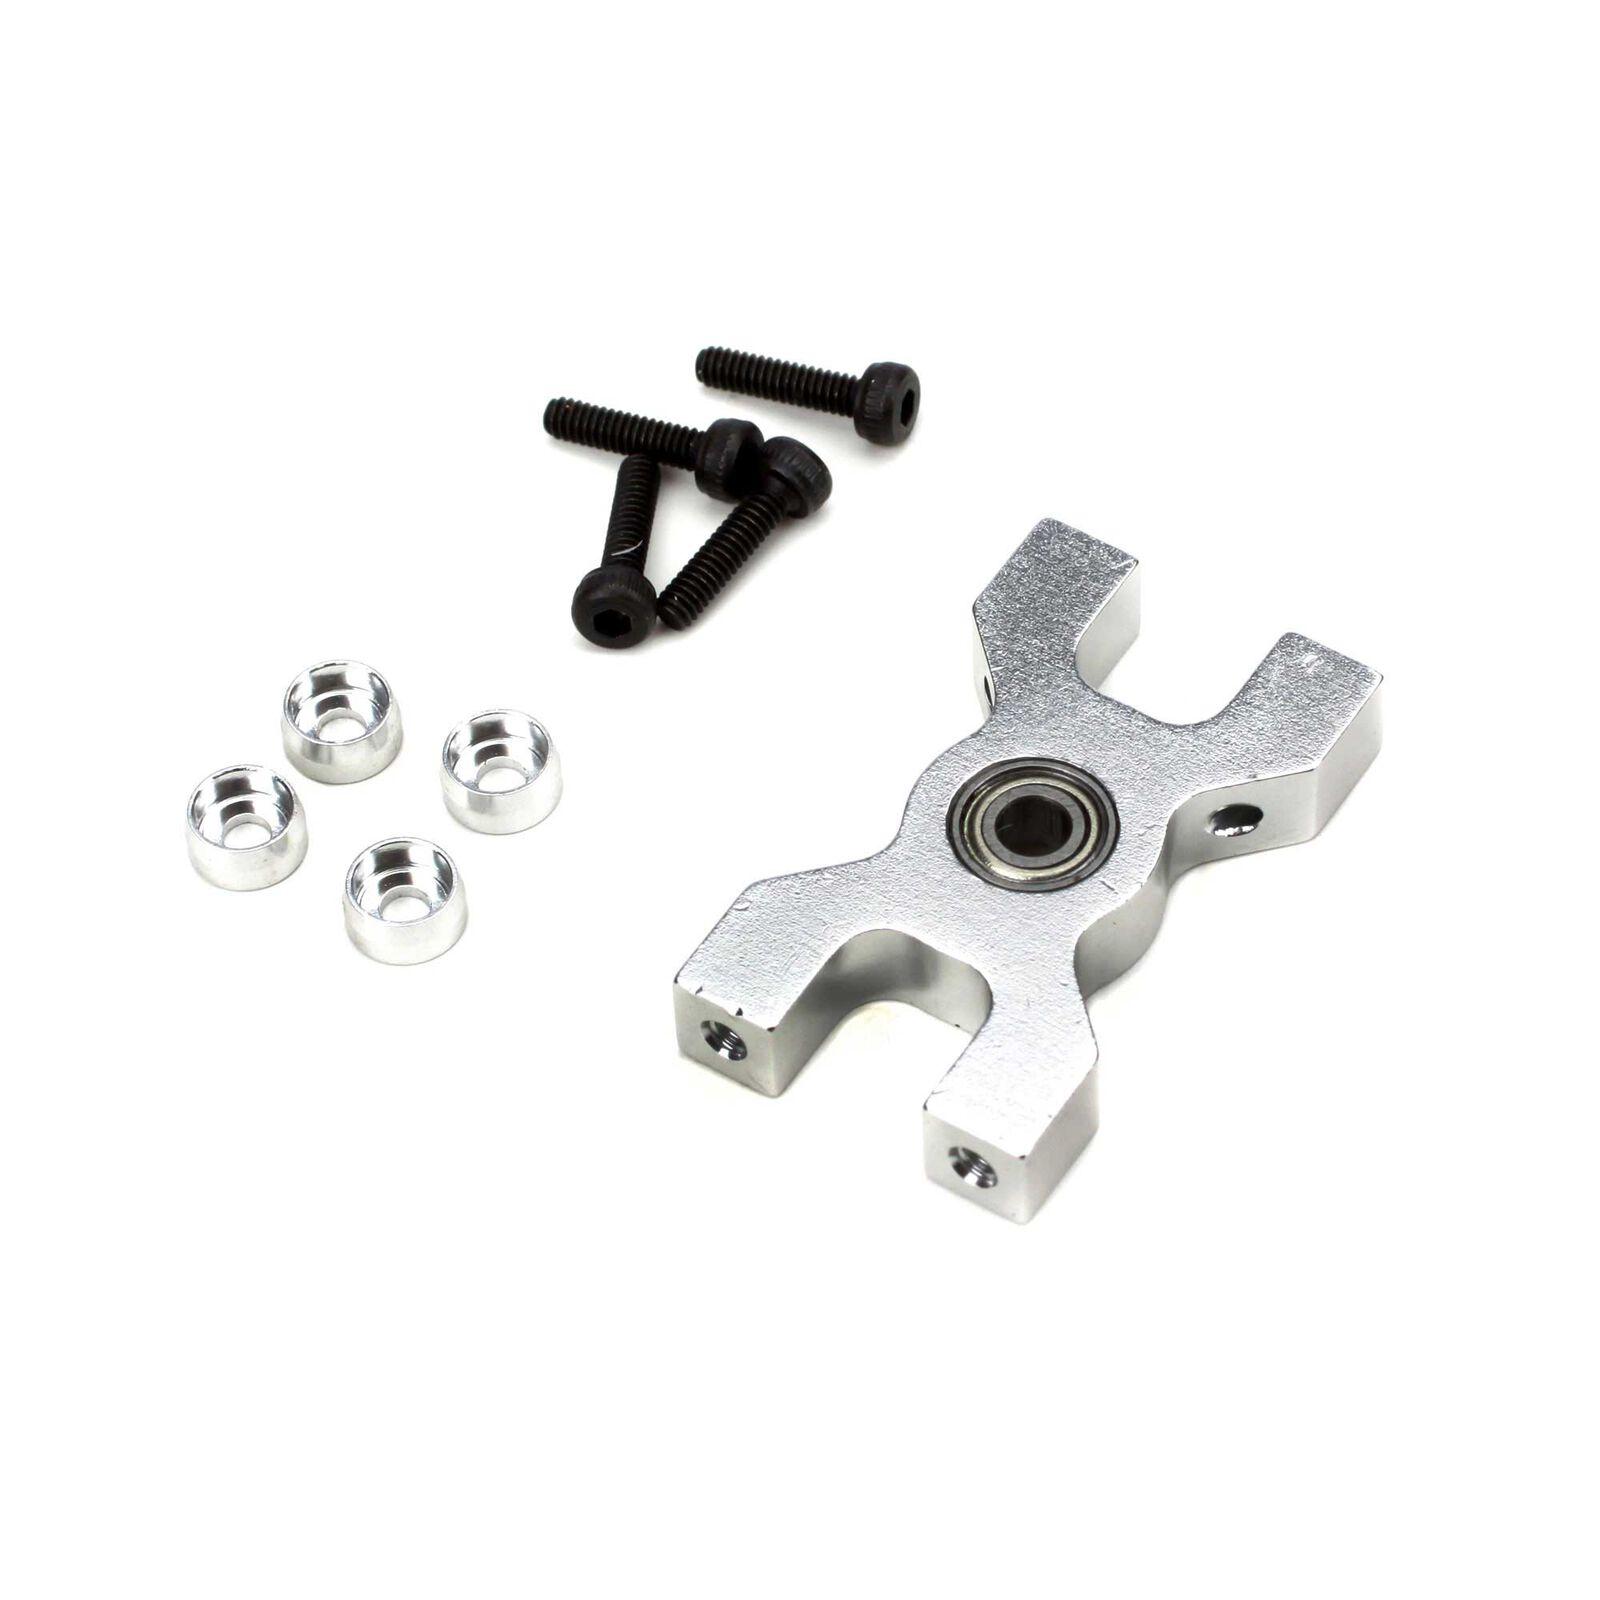 Aluminum Tail Drive Shaft Lower Bearing Block: B450, B400